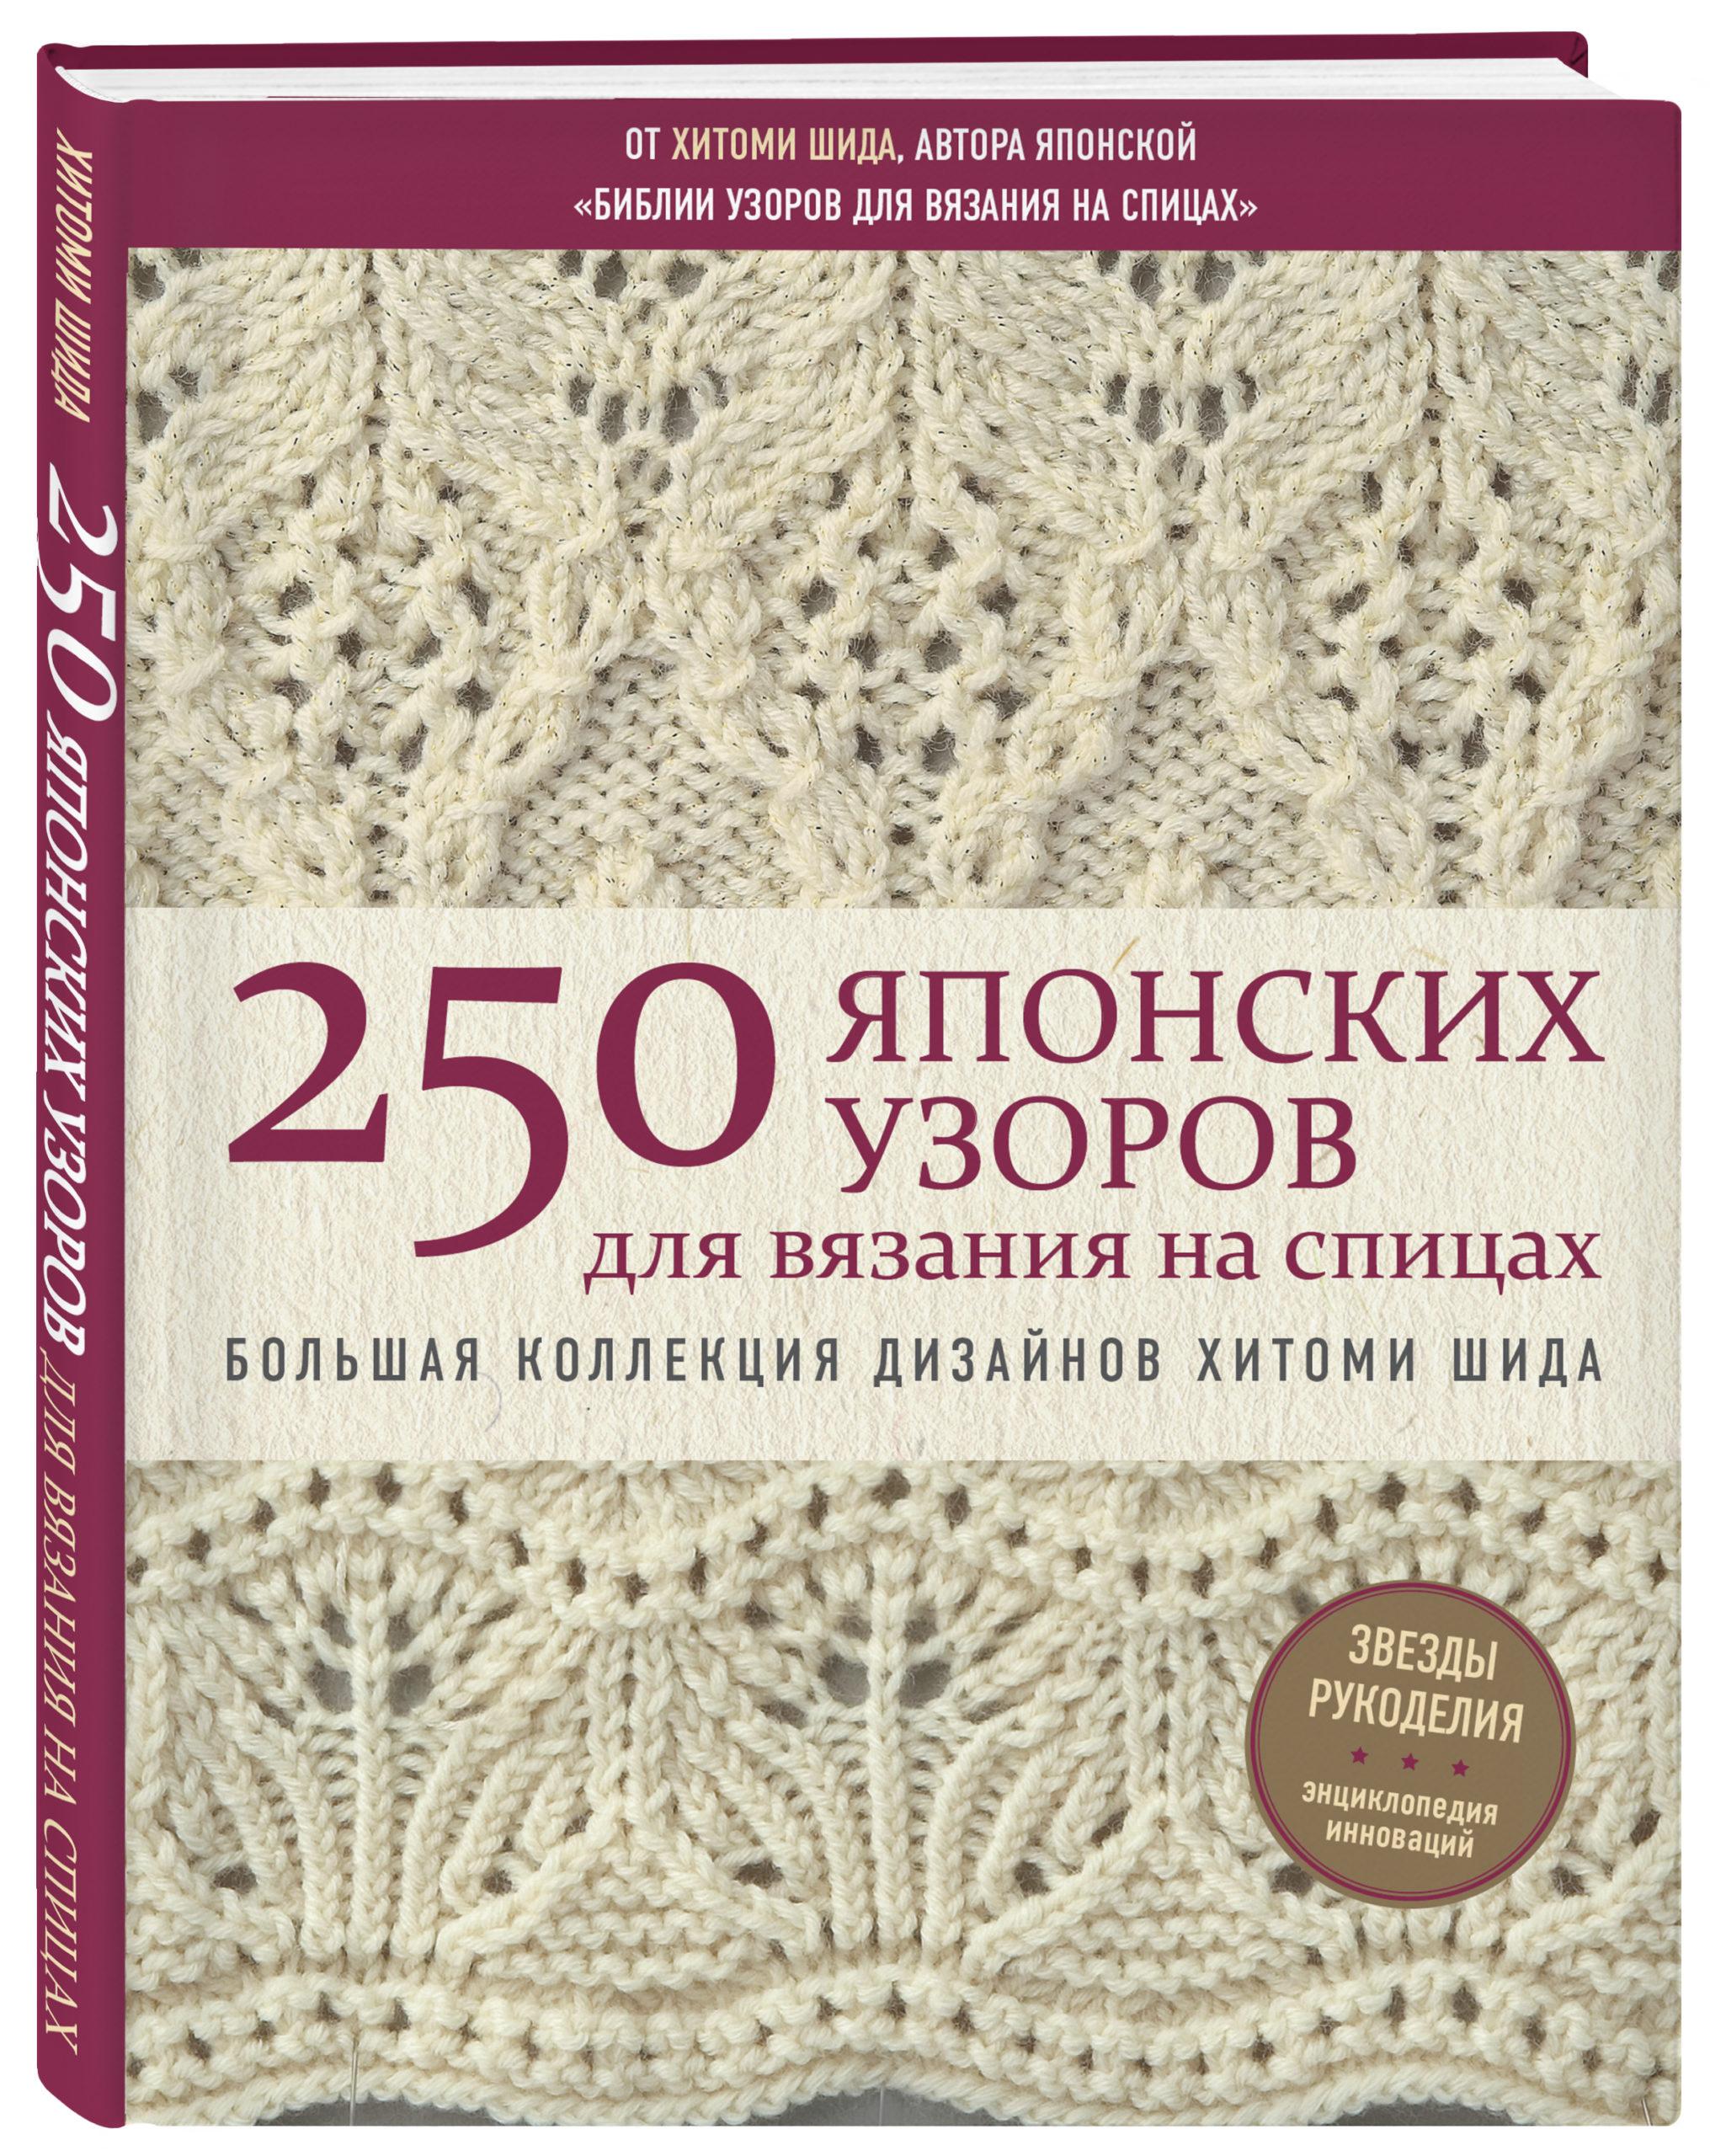 1. 250 японских узоров для вязания на спицах